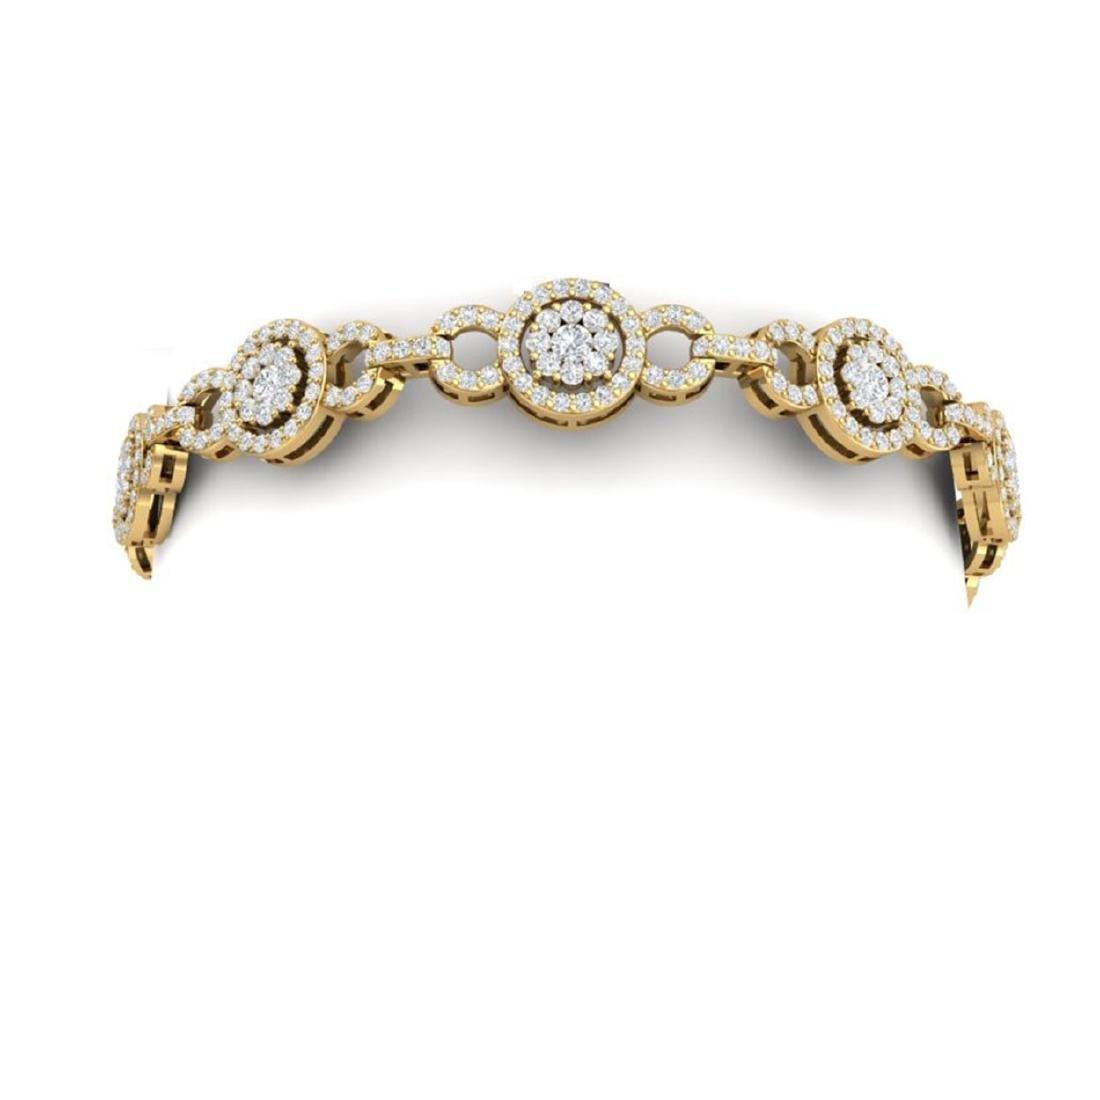 5 CTW Certified SI/I Diamond Halo Bracelet 18K Yellow - 2